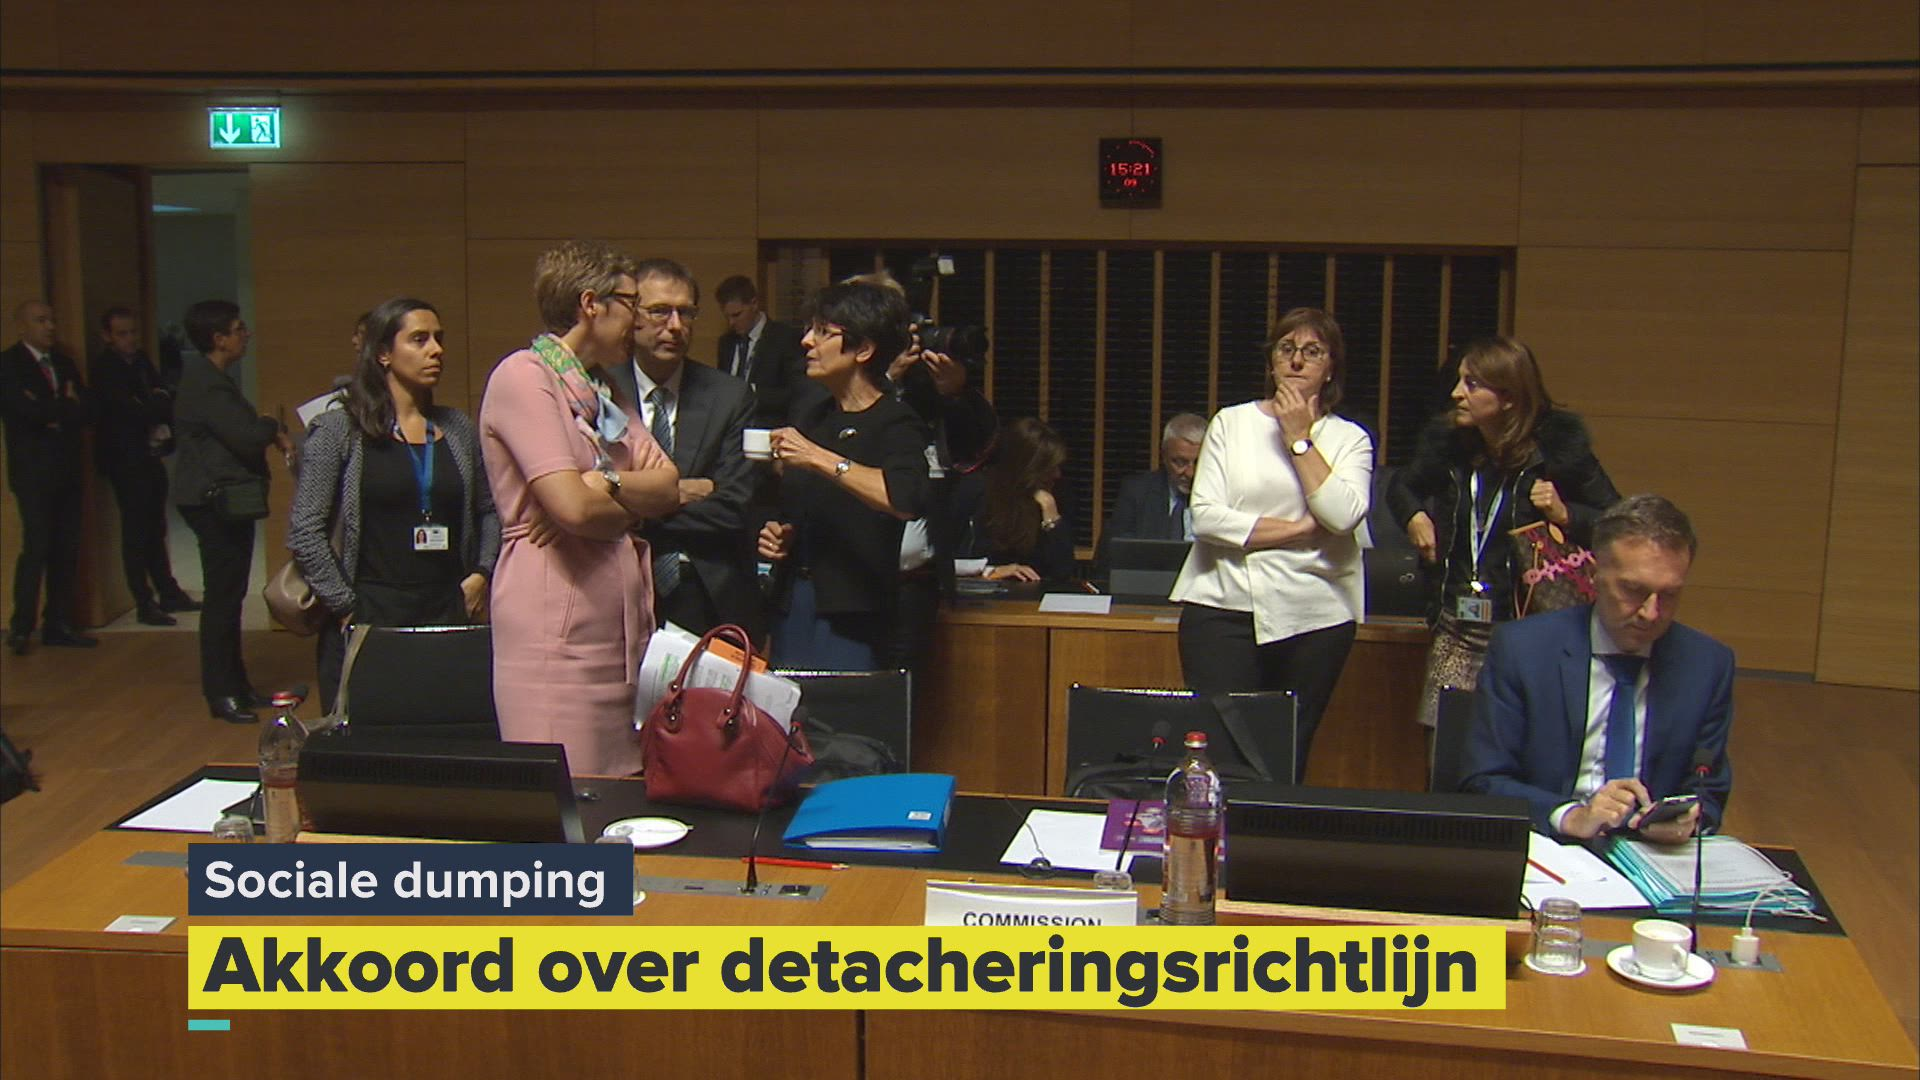 Eindelijk Europees akkoord over detachering: sociale dumping aan banden gelegd?